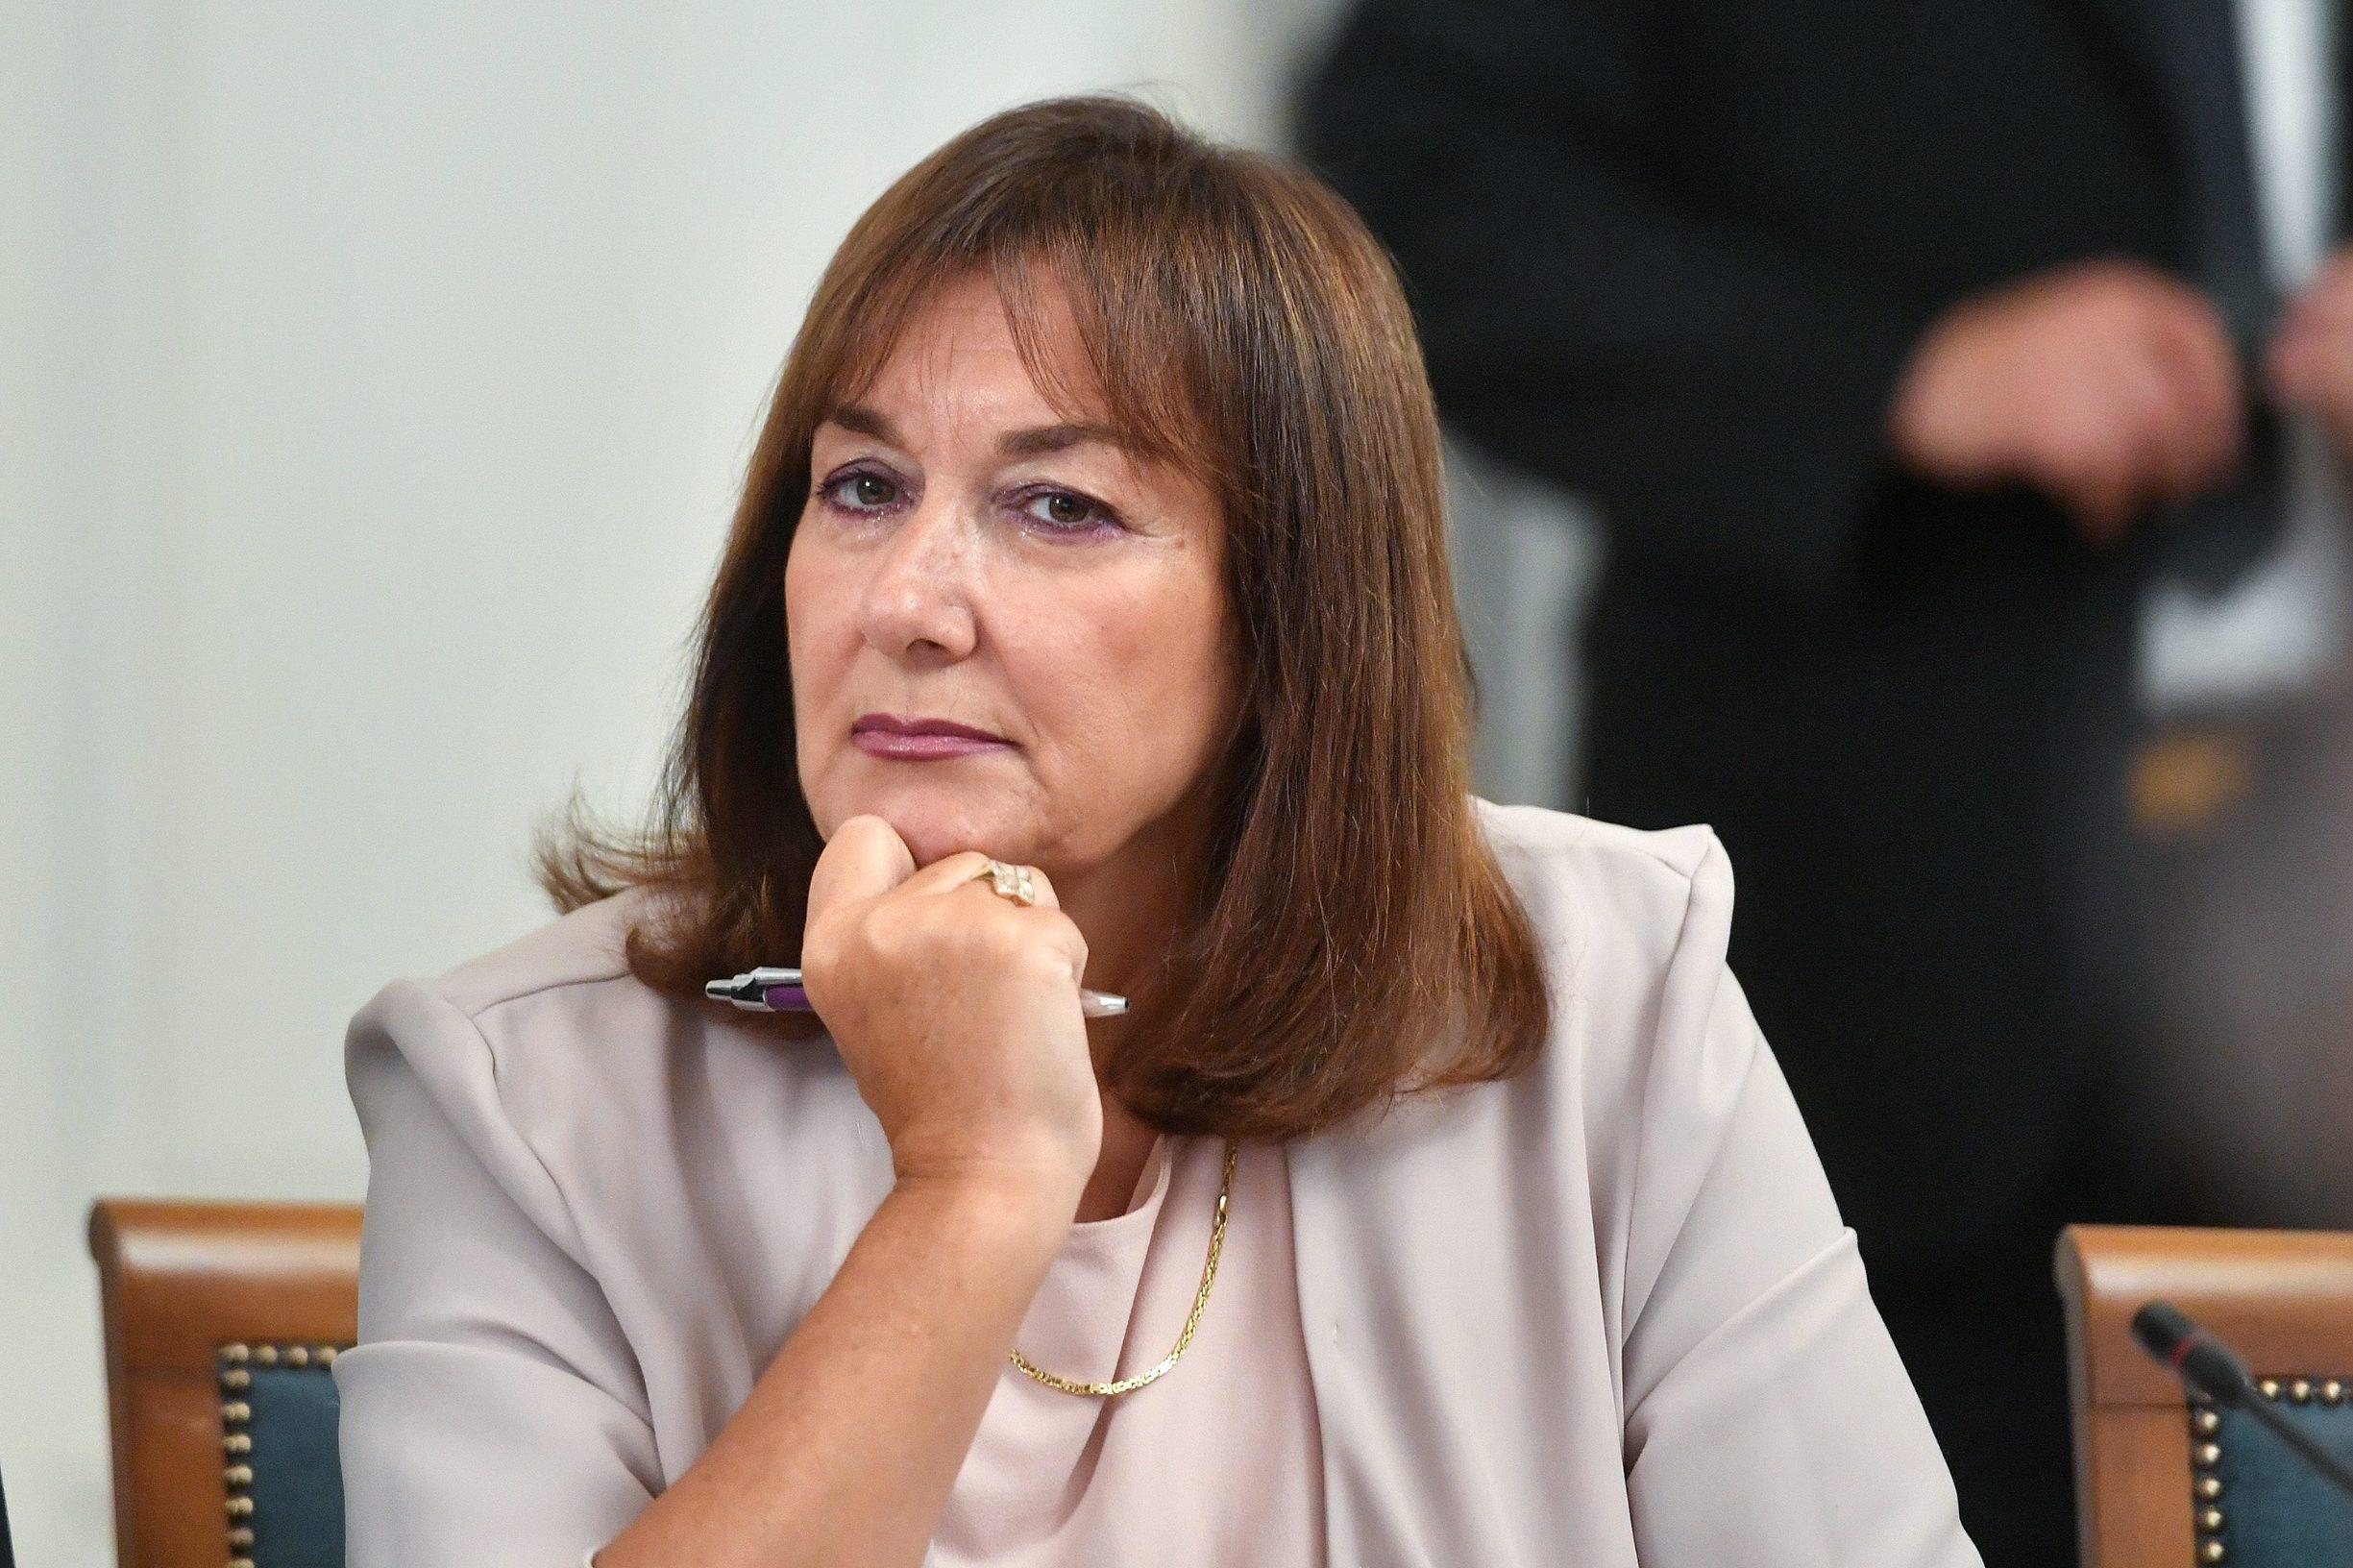 Hrvatska povjerenica u Europskoj komisiji Dubravka Šuica (HDZ, EPP) od studenog će u Bruxellesu zamijeniti Nevena Mimicu